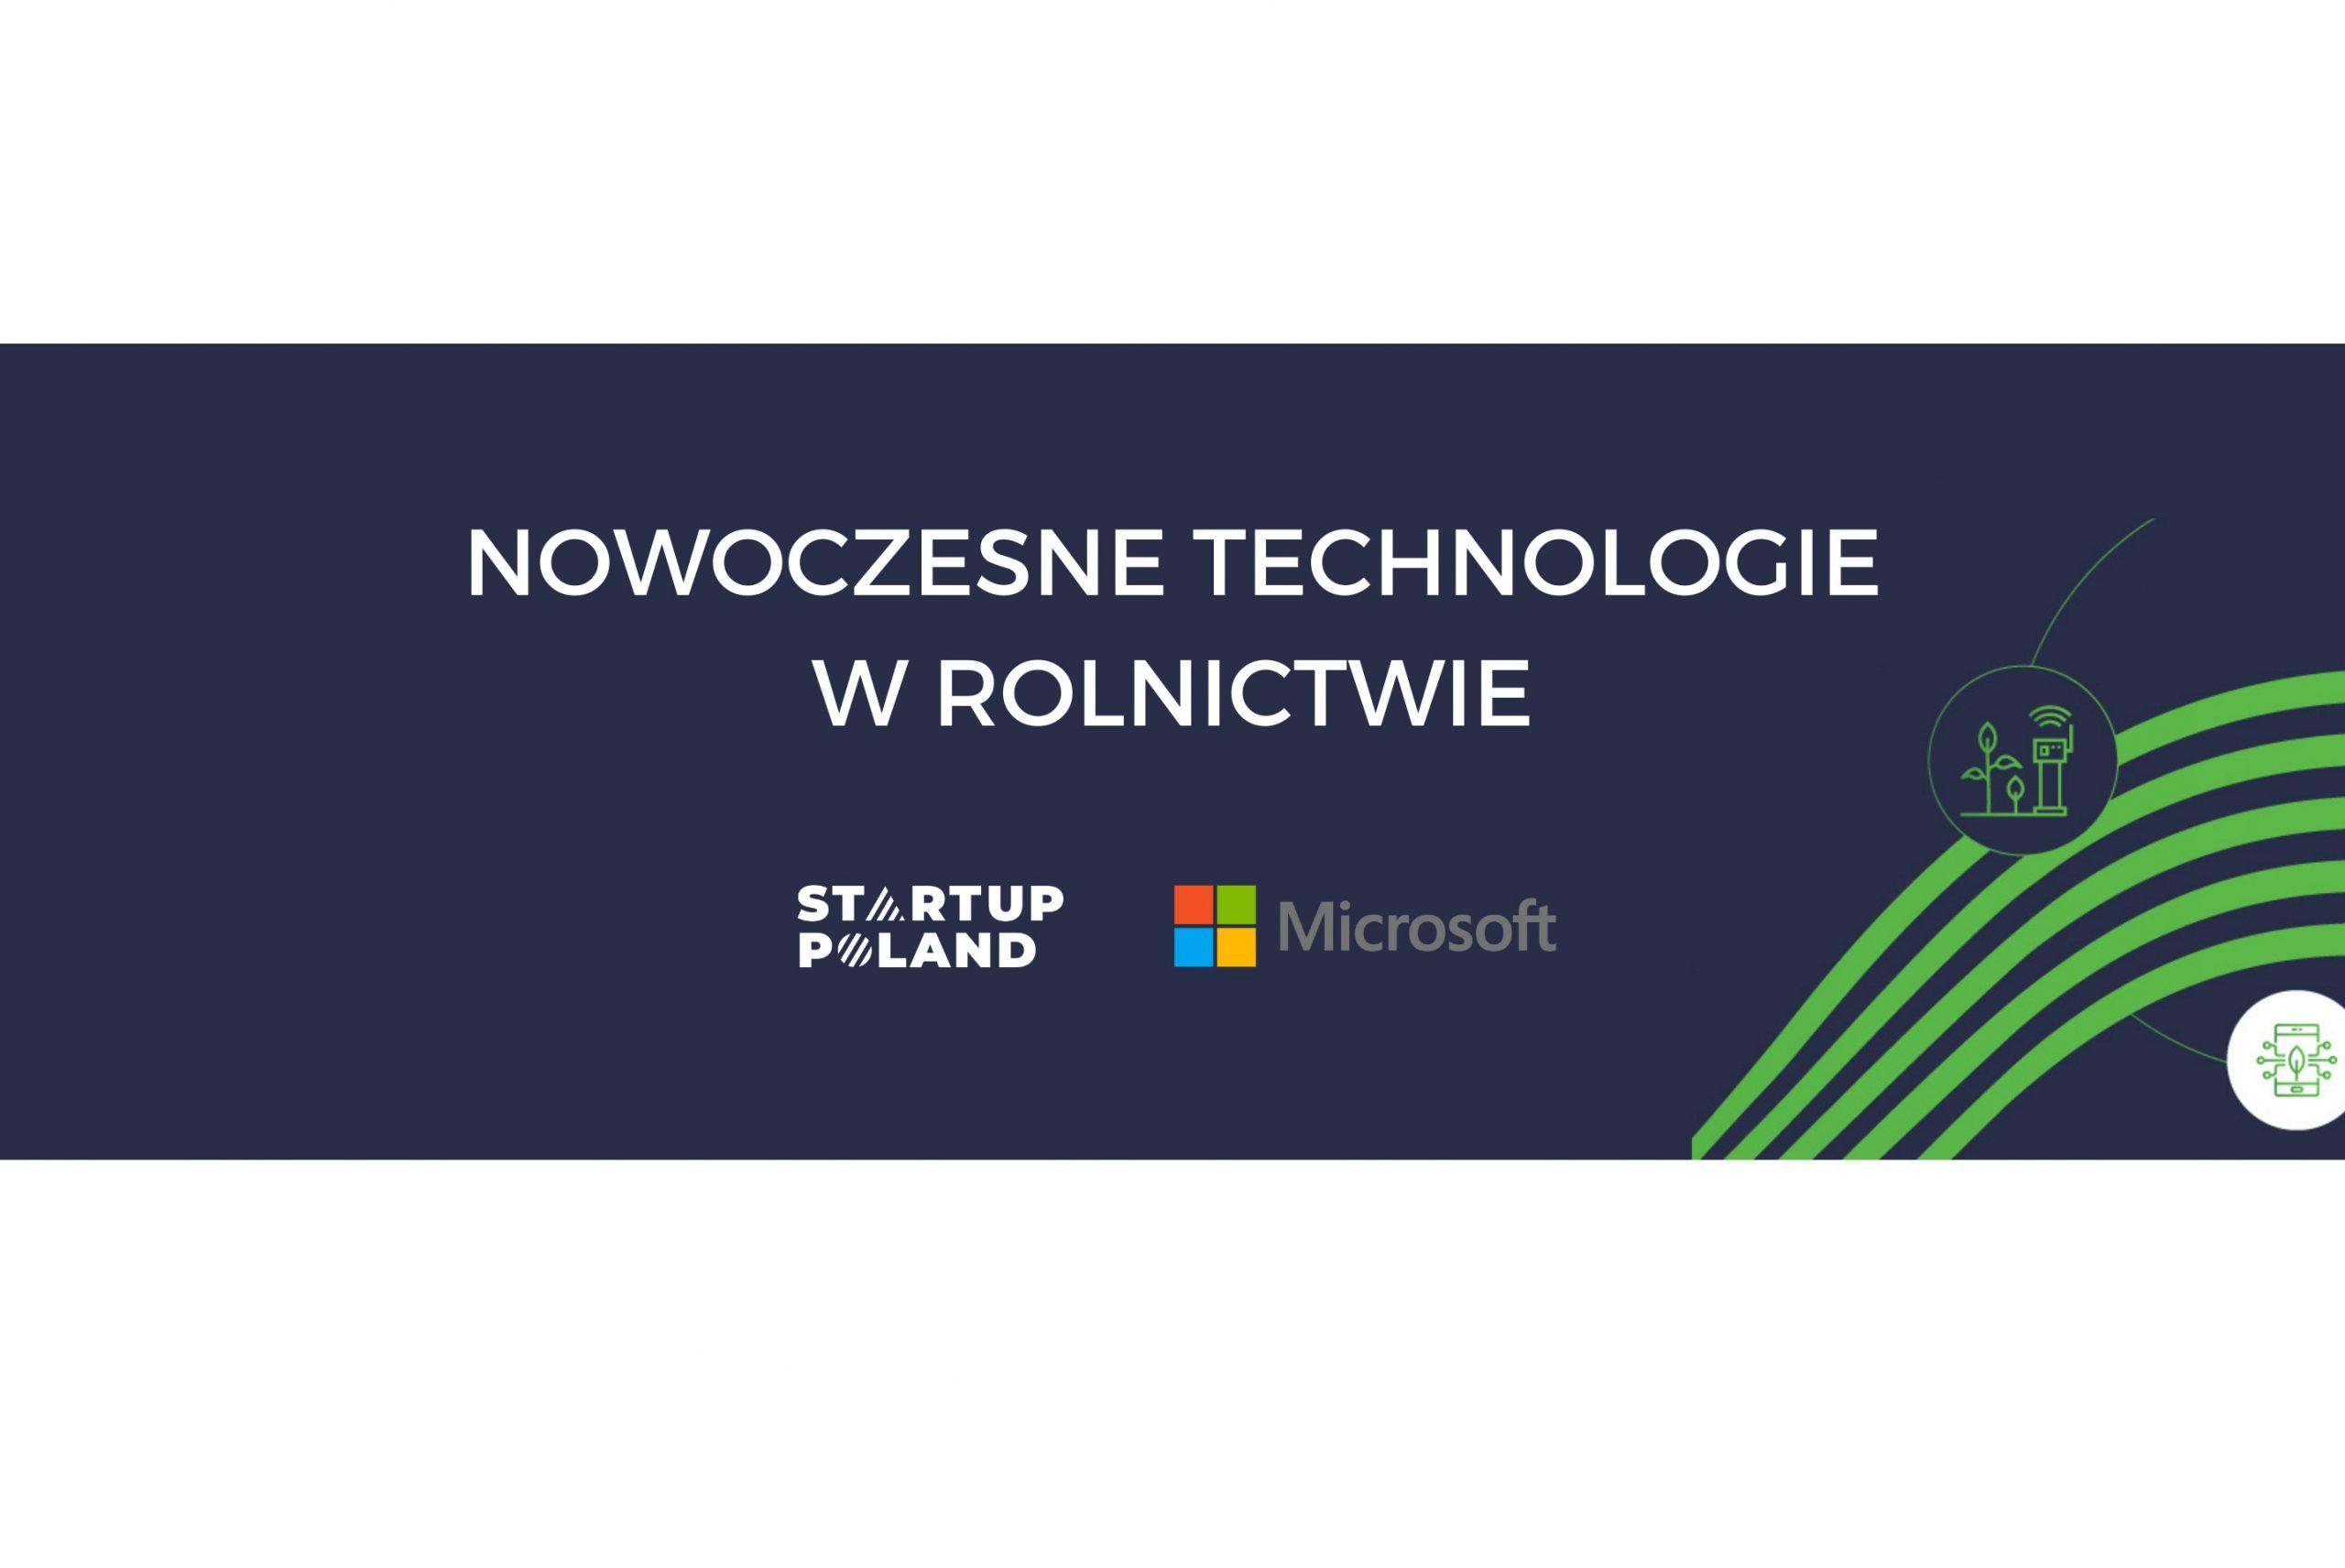 Startup Poland i Microsoft o technologiach w rolnictwie